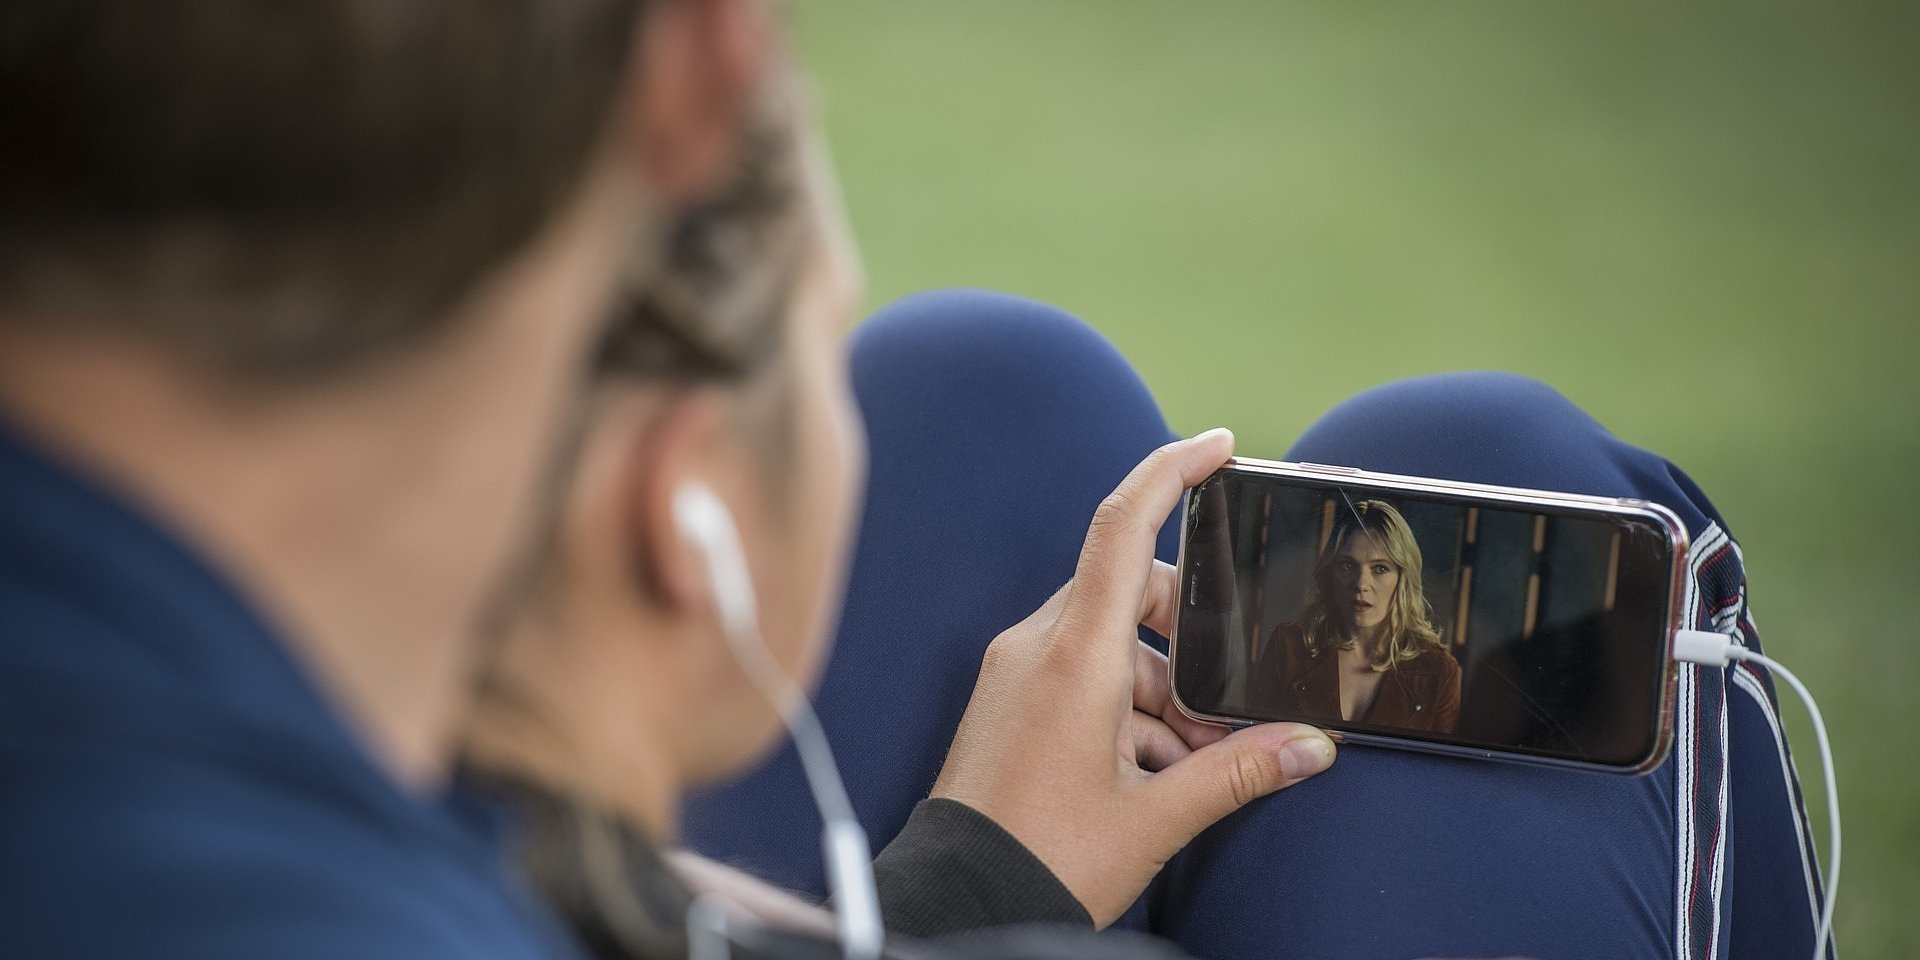 Mały ekran o dużych możliwościach. Jak smartfon zastąpił telewizor, a nawet kino